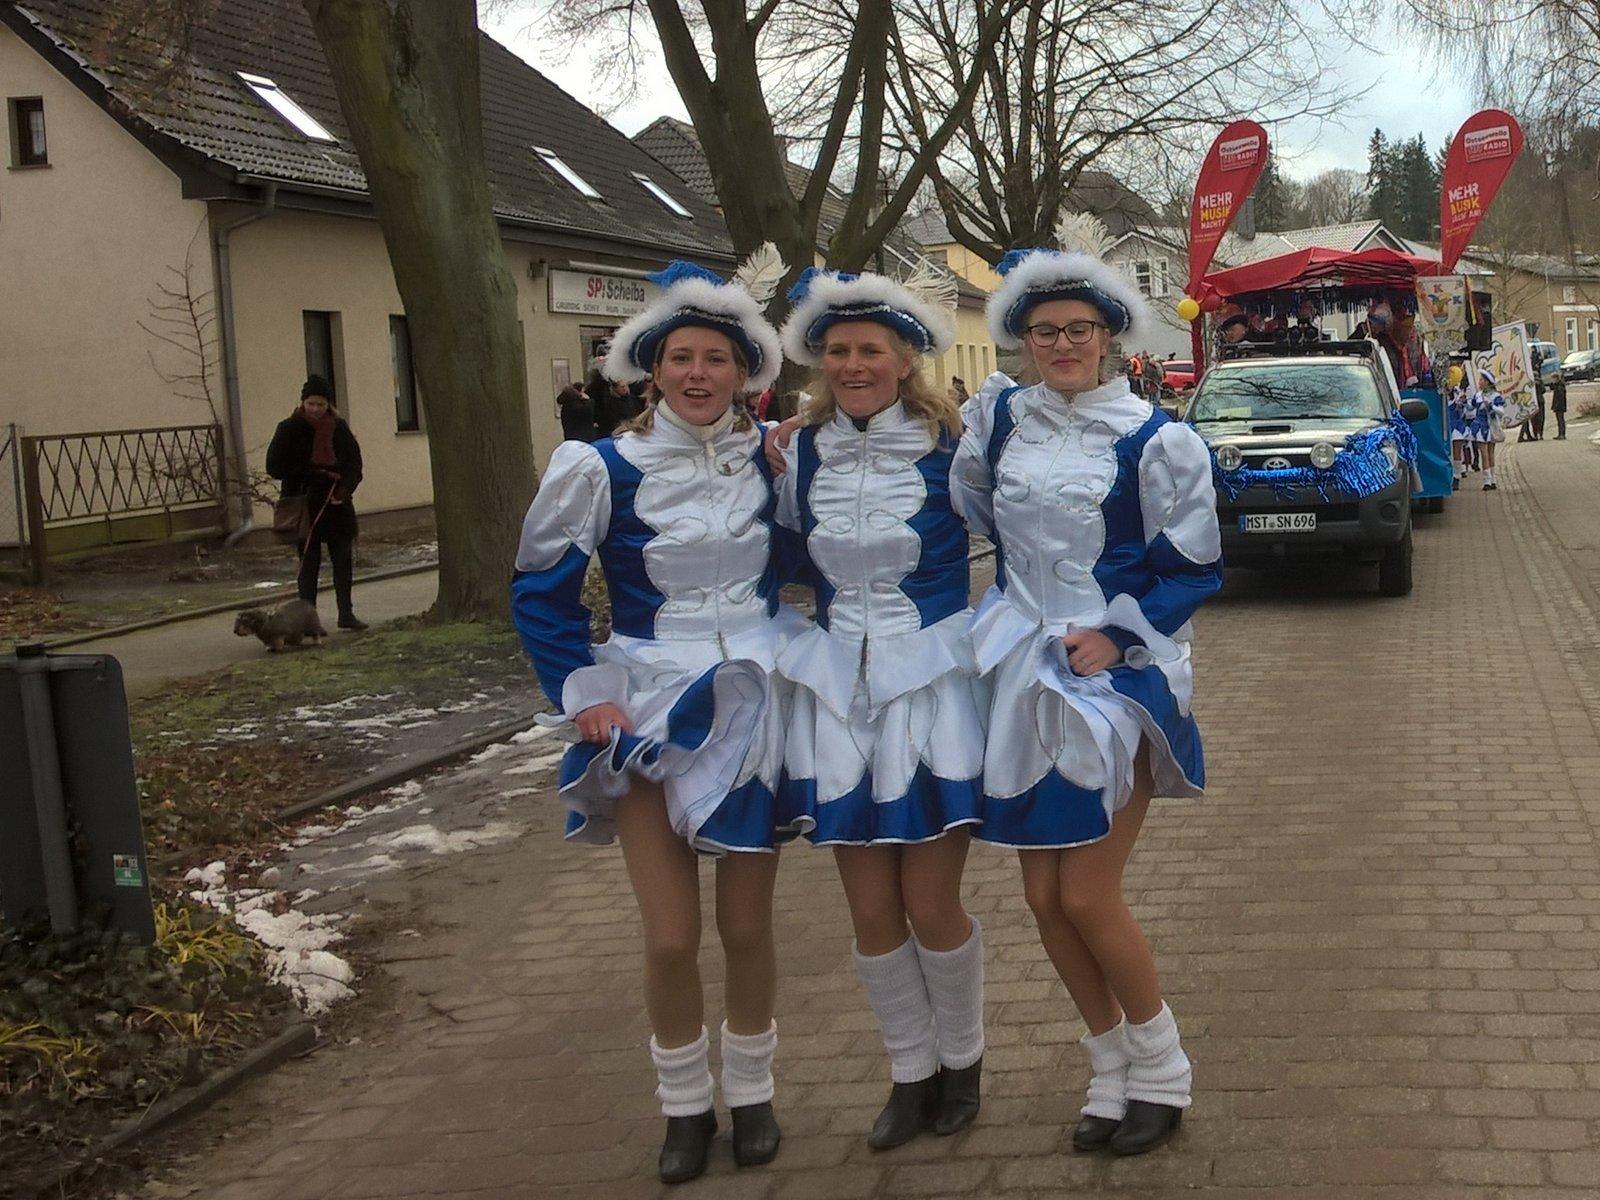 Rosenmontag in Feldberg Narren vom FKK feiern eine